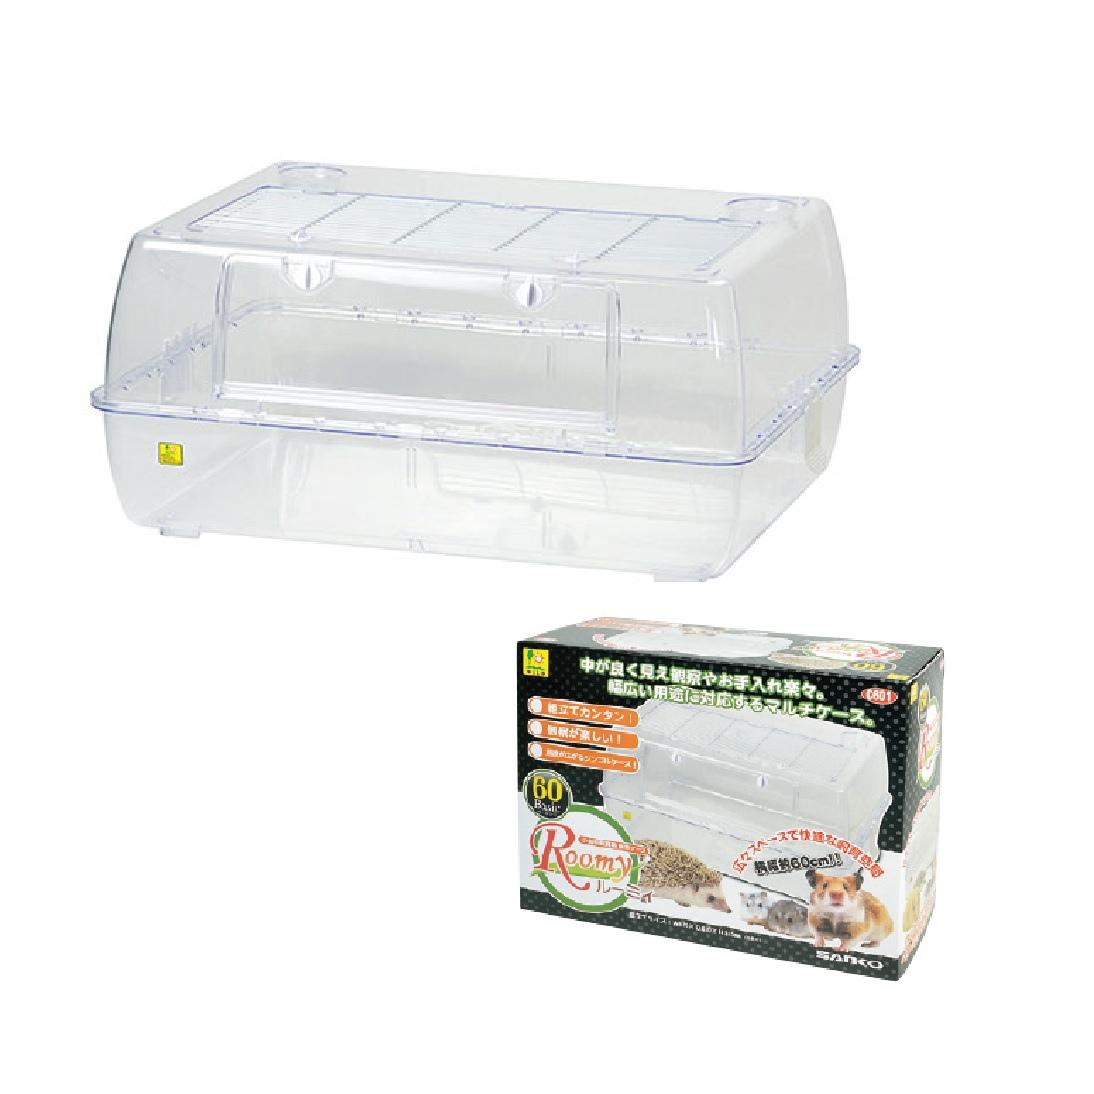 三晃商会 ルーミィ60ベーシック メーカー再生品 小動物ケージ 本日限定 C601